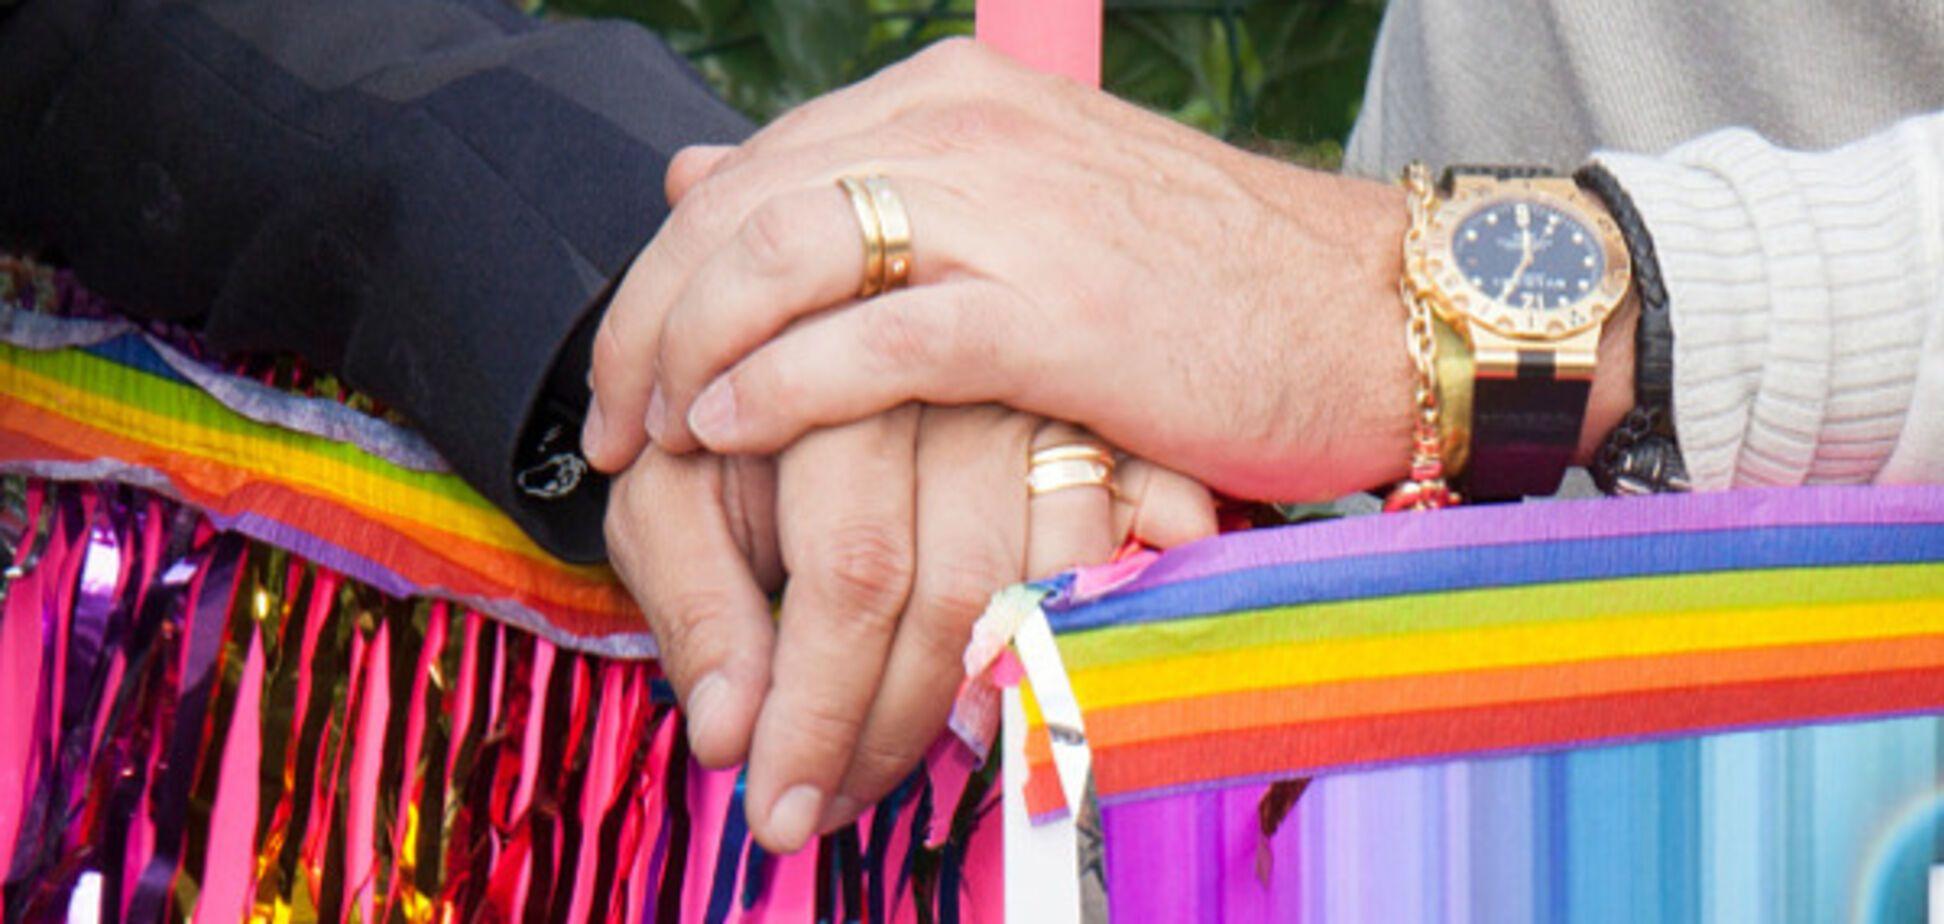 У Росії забавно проілюстрували перший шлюб трьох чоловіків